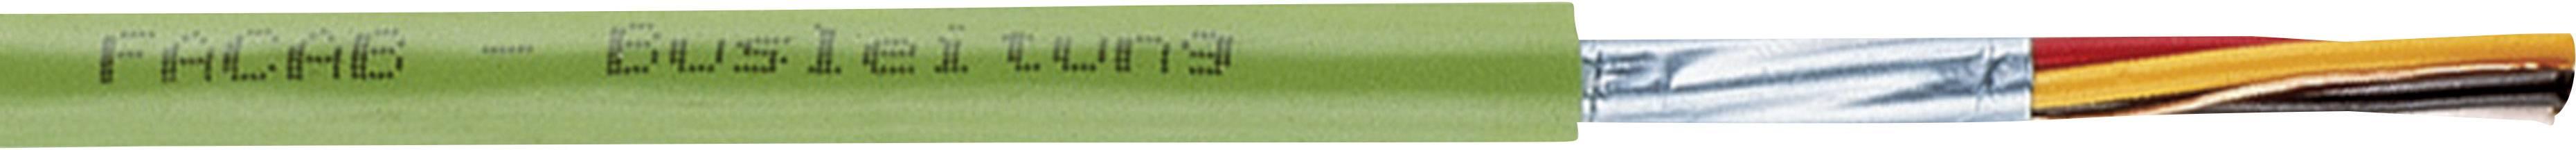 Zbernicový kábel Faber Kabel 101010, vnější Ø 6.30 mm, zelená, metrový tovar